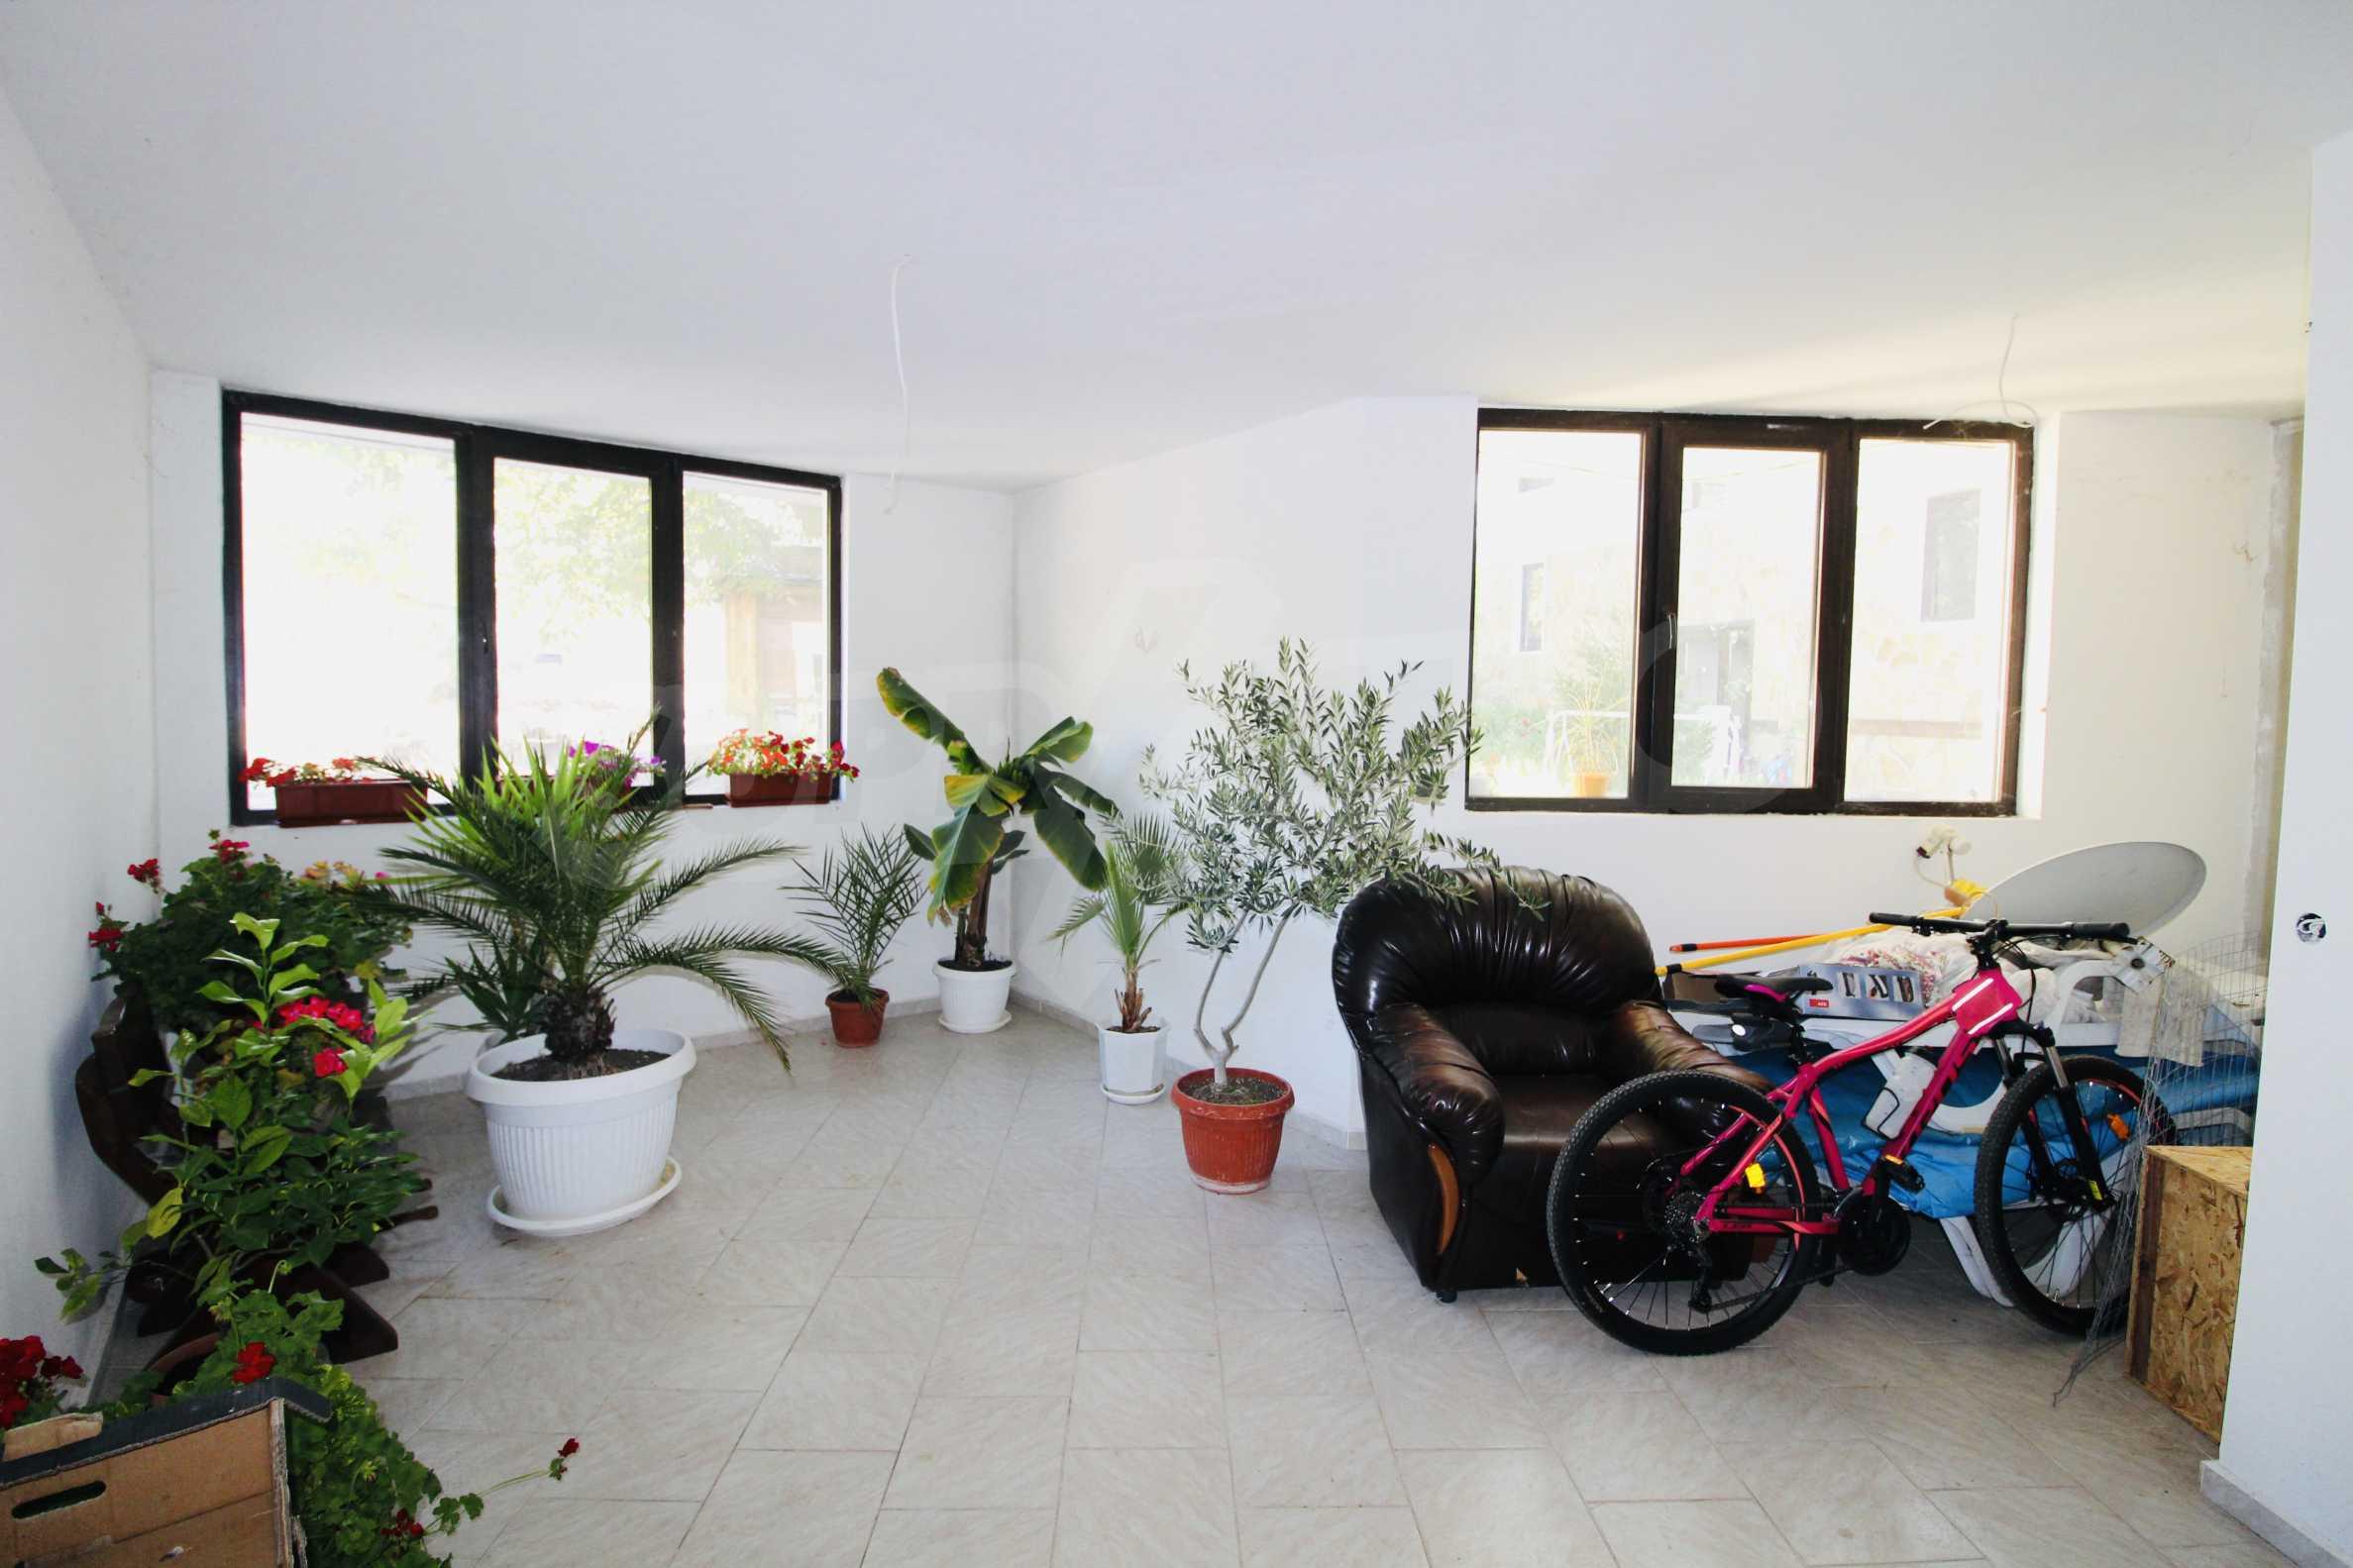 Zwei-Zimmer-Wohnung mit Parkplatz und Keller in der berühmten architektonischen Reserve Arbanassi 4